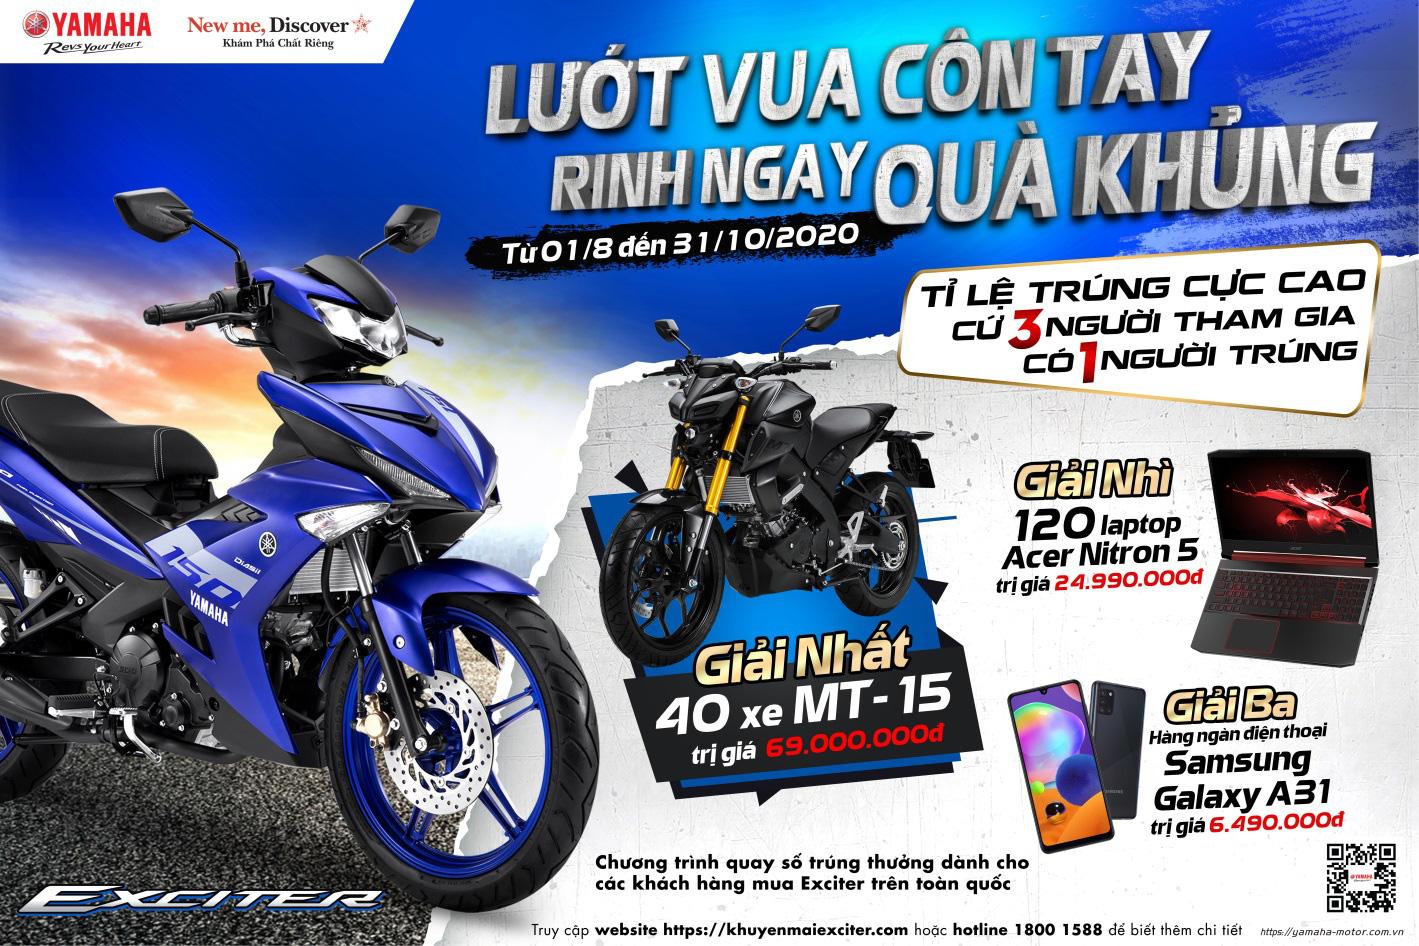 """Khách hàng """"ẵm trọn"""" xe mô tô thể thao trị giá gần 70 triệu khi mua Yamaha Exciter - Ảnh 1."""